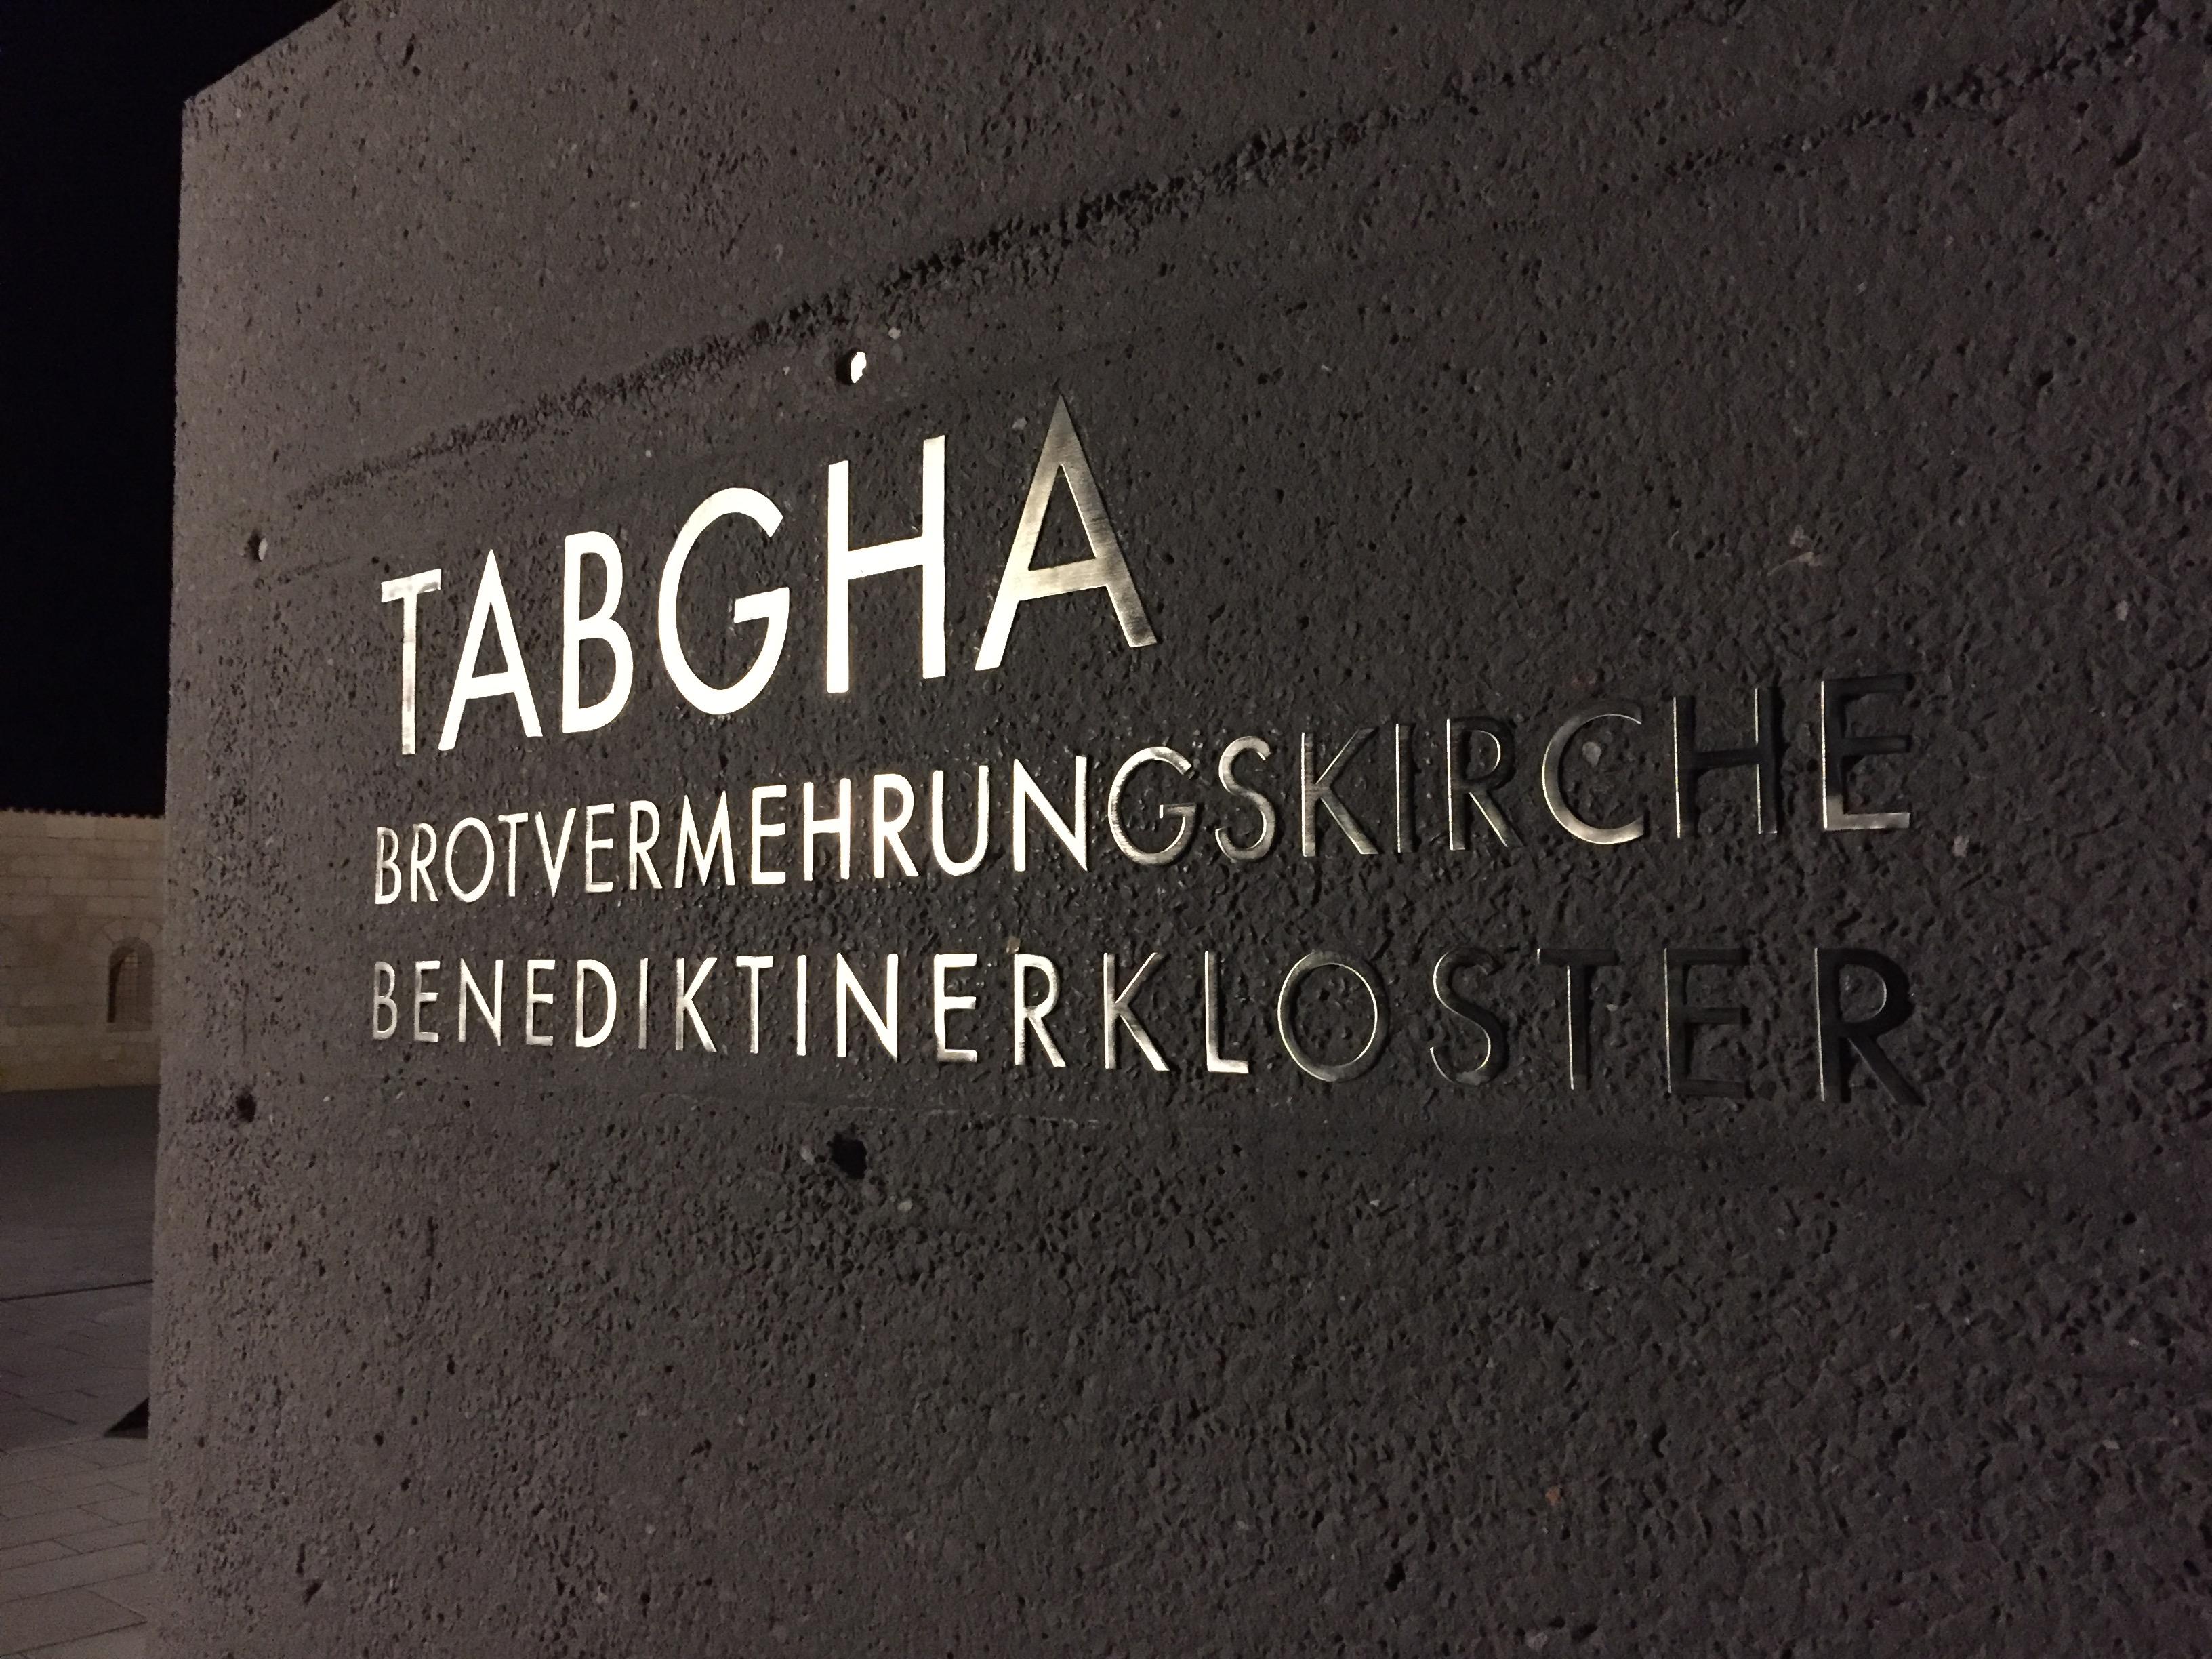 Vorplatz Brotvermehrungskirche Tabgha _ Neugestaltung